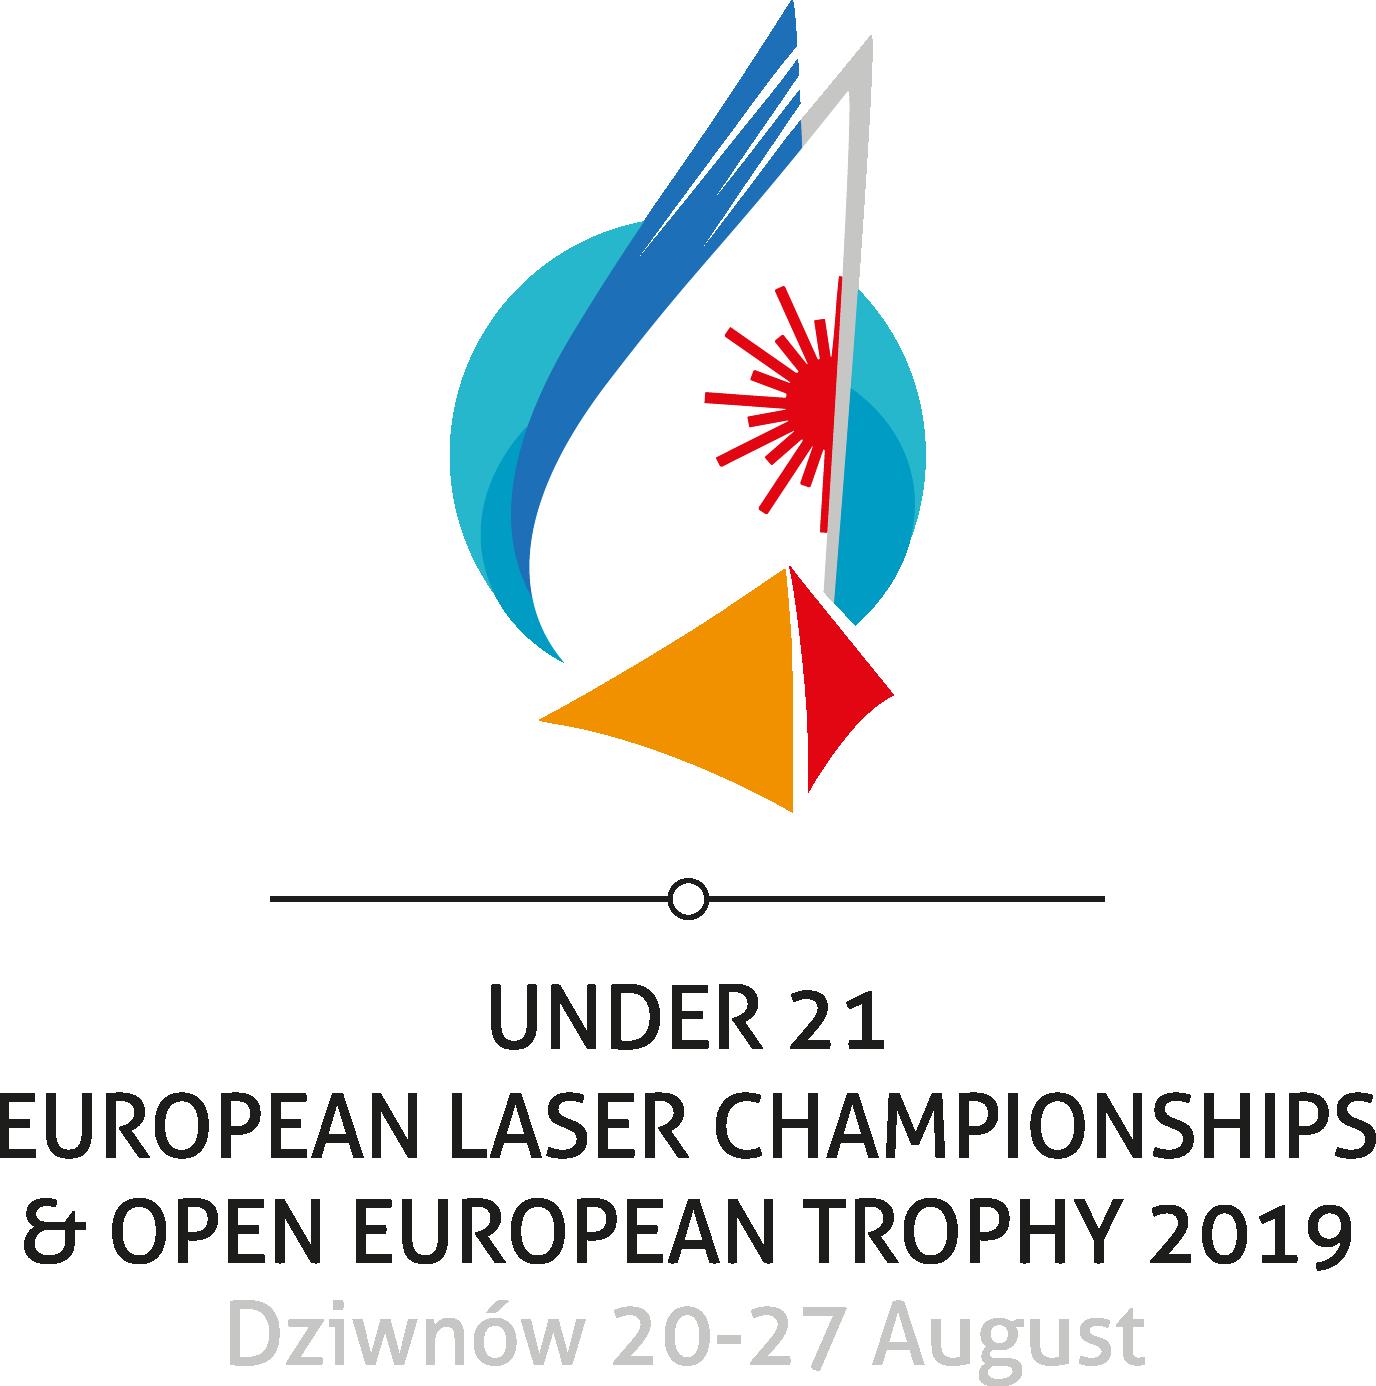 Under 21 European Laser Championships & Open European Trophy 2019